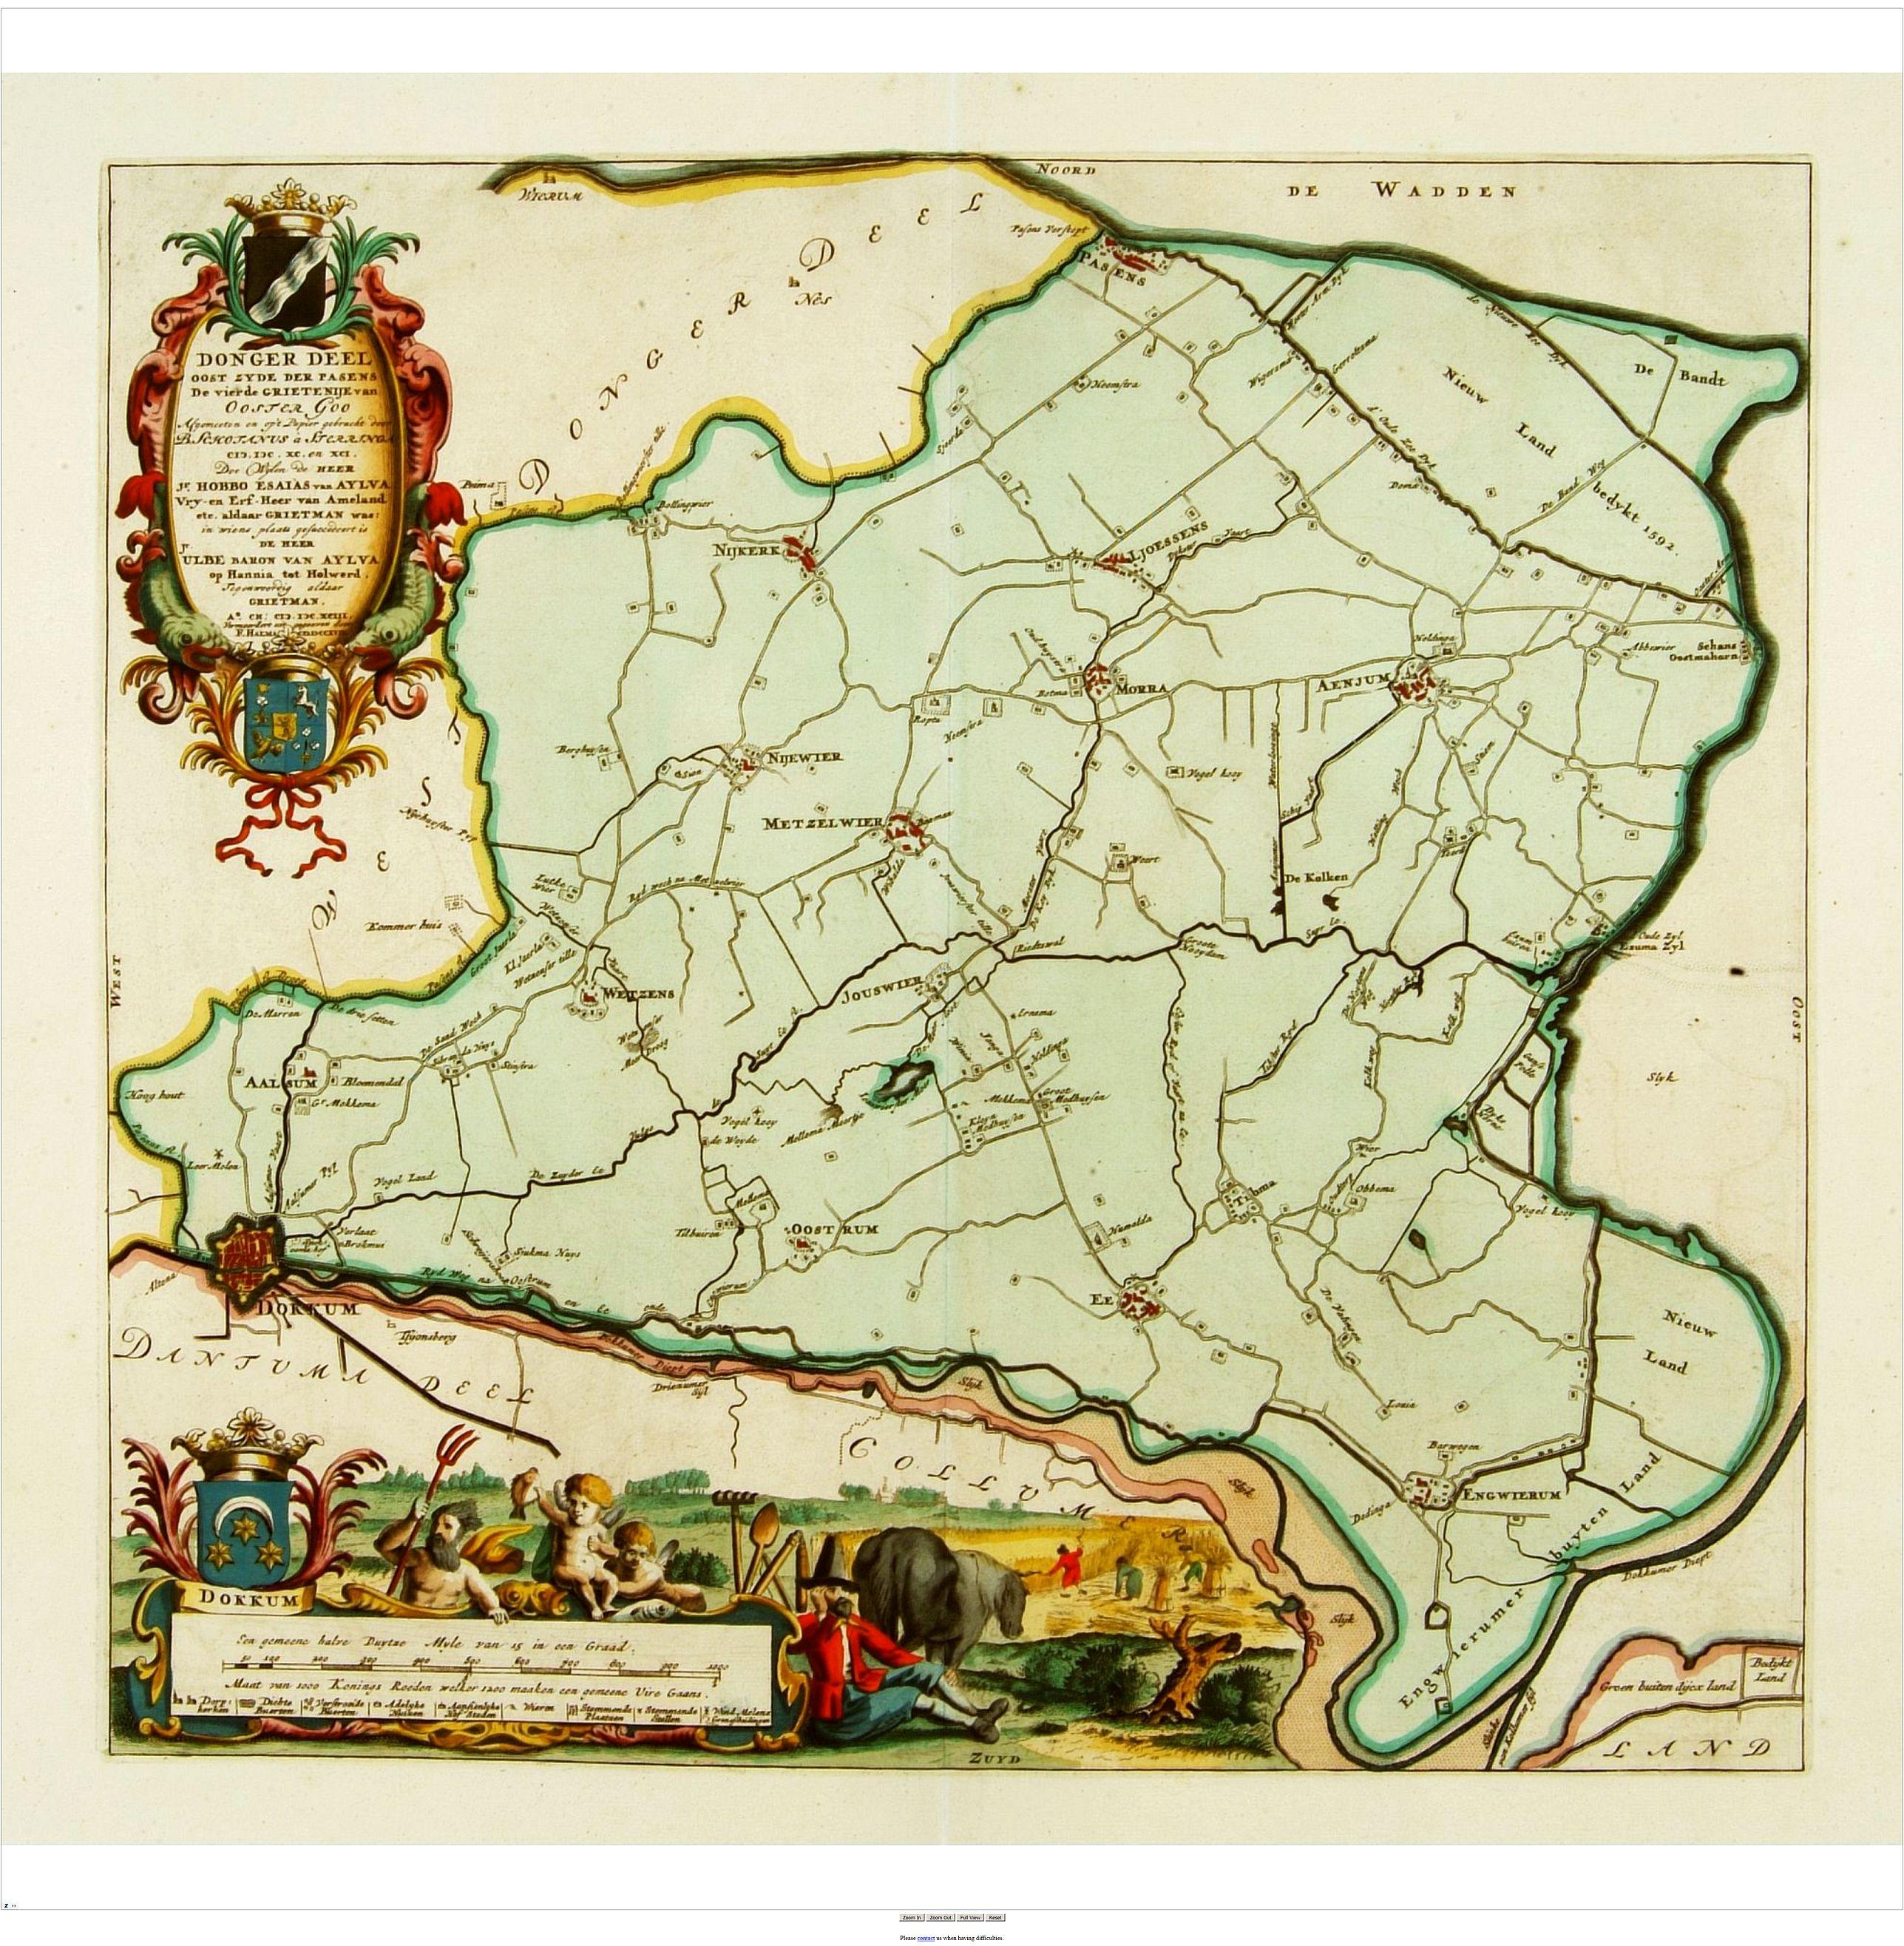 SCHOTANUS, B. -  Dongerdeel.. De vierde grietenij van Ooster Goo.